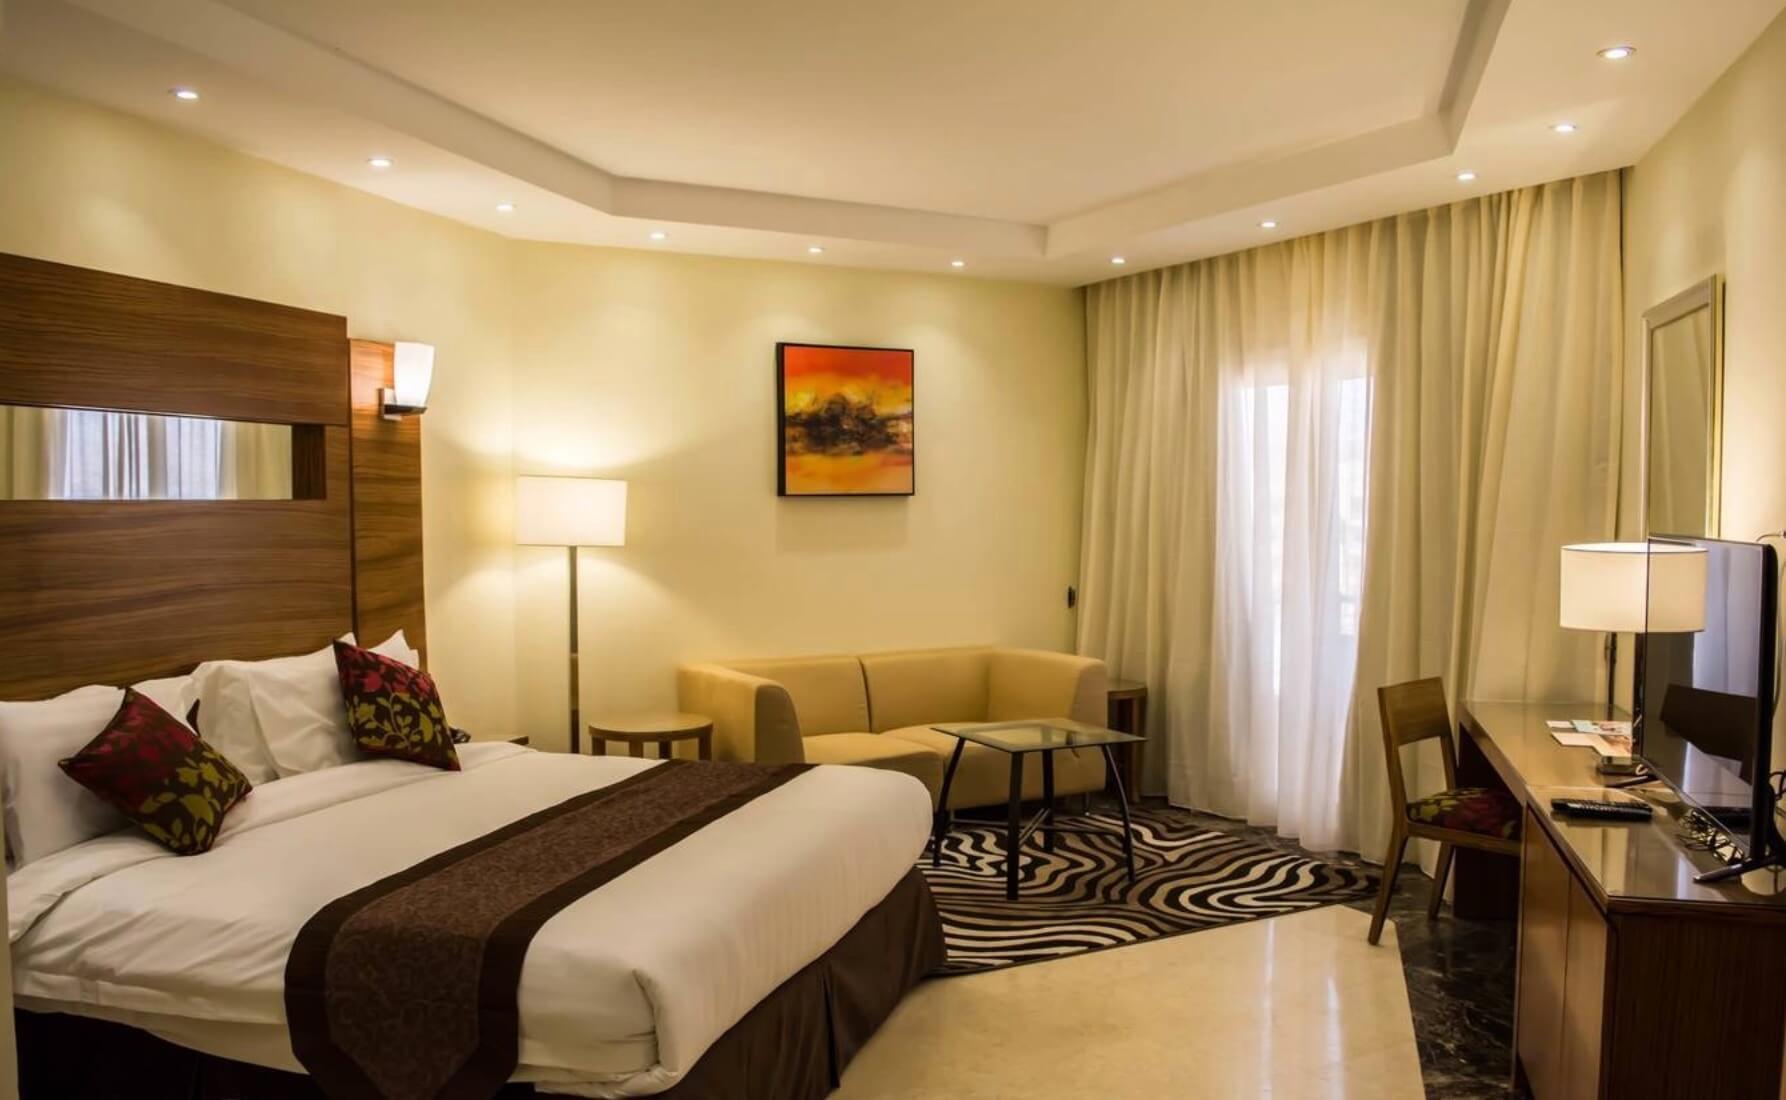 Тур в Табу в отель Tolip Taba Resort & Spa 5* (Египет) на 7 ночей с 12.01.19 от 62 895 рублей (AL) на двоих